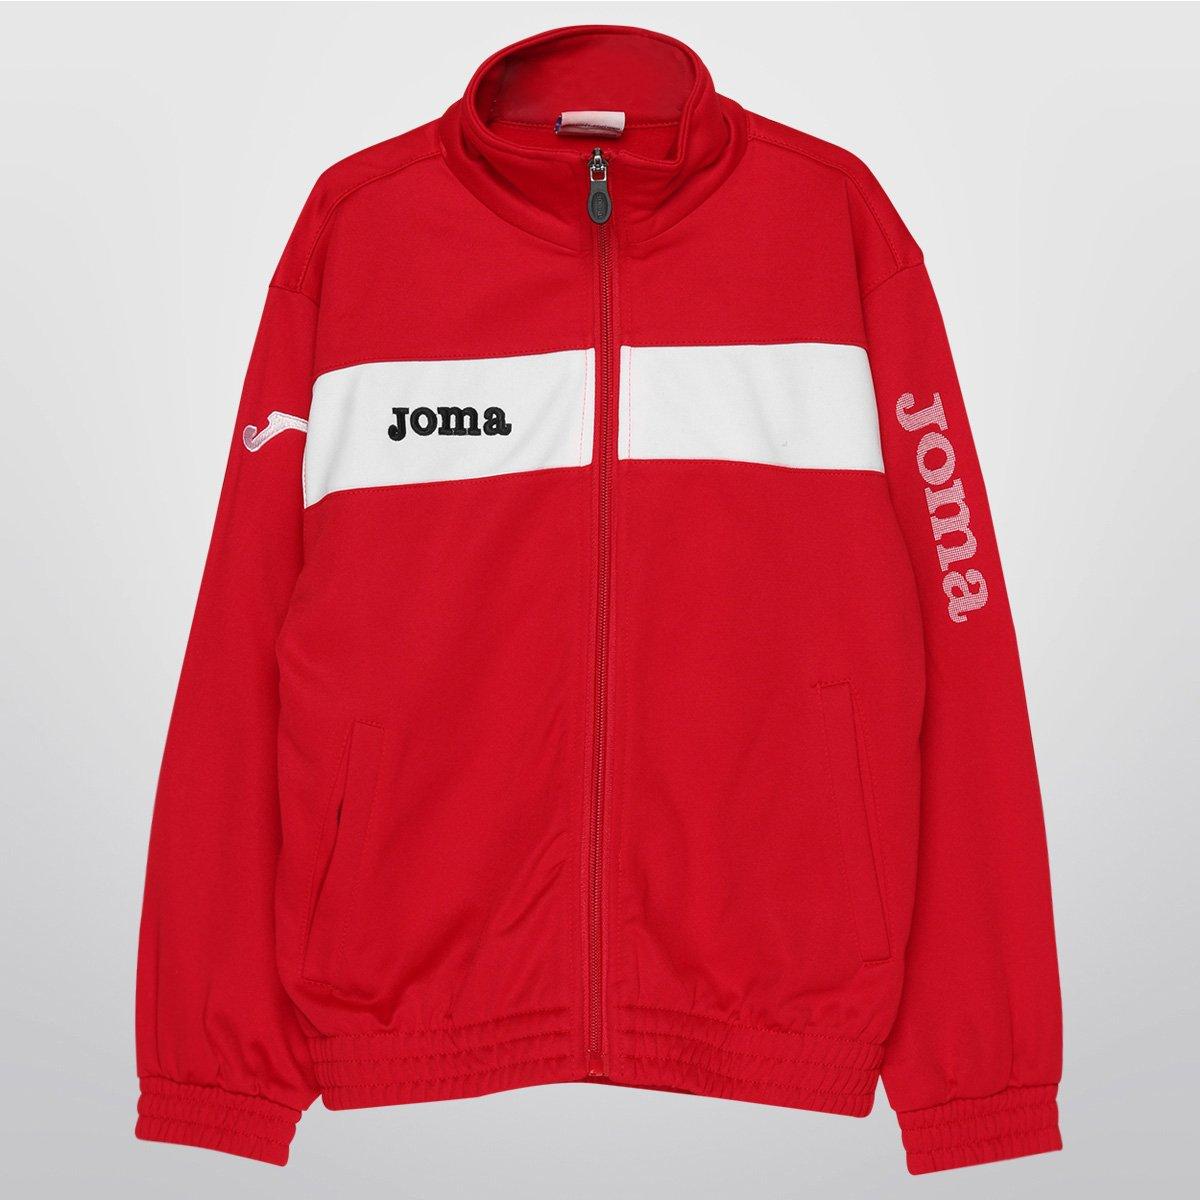 302eeeae46 Jaqueta Joma Academy Infantil - Compre Agora